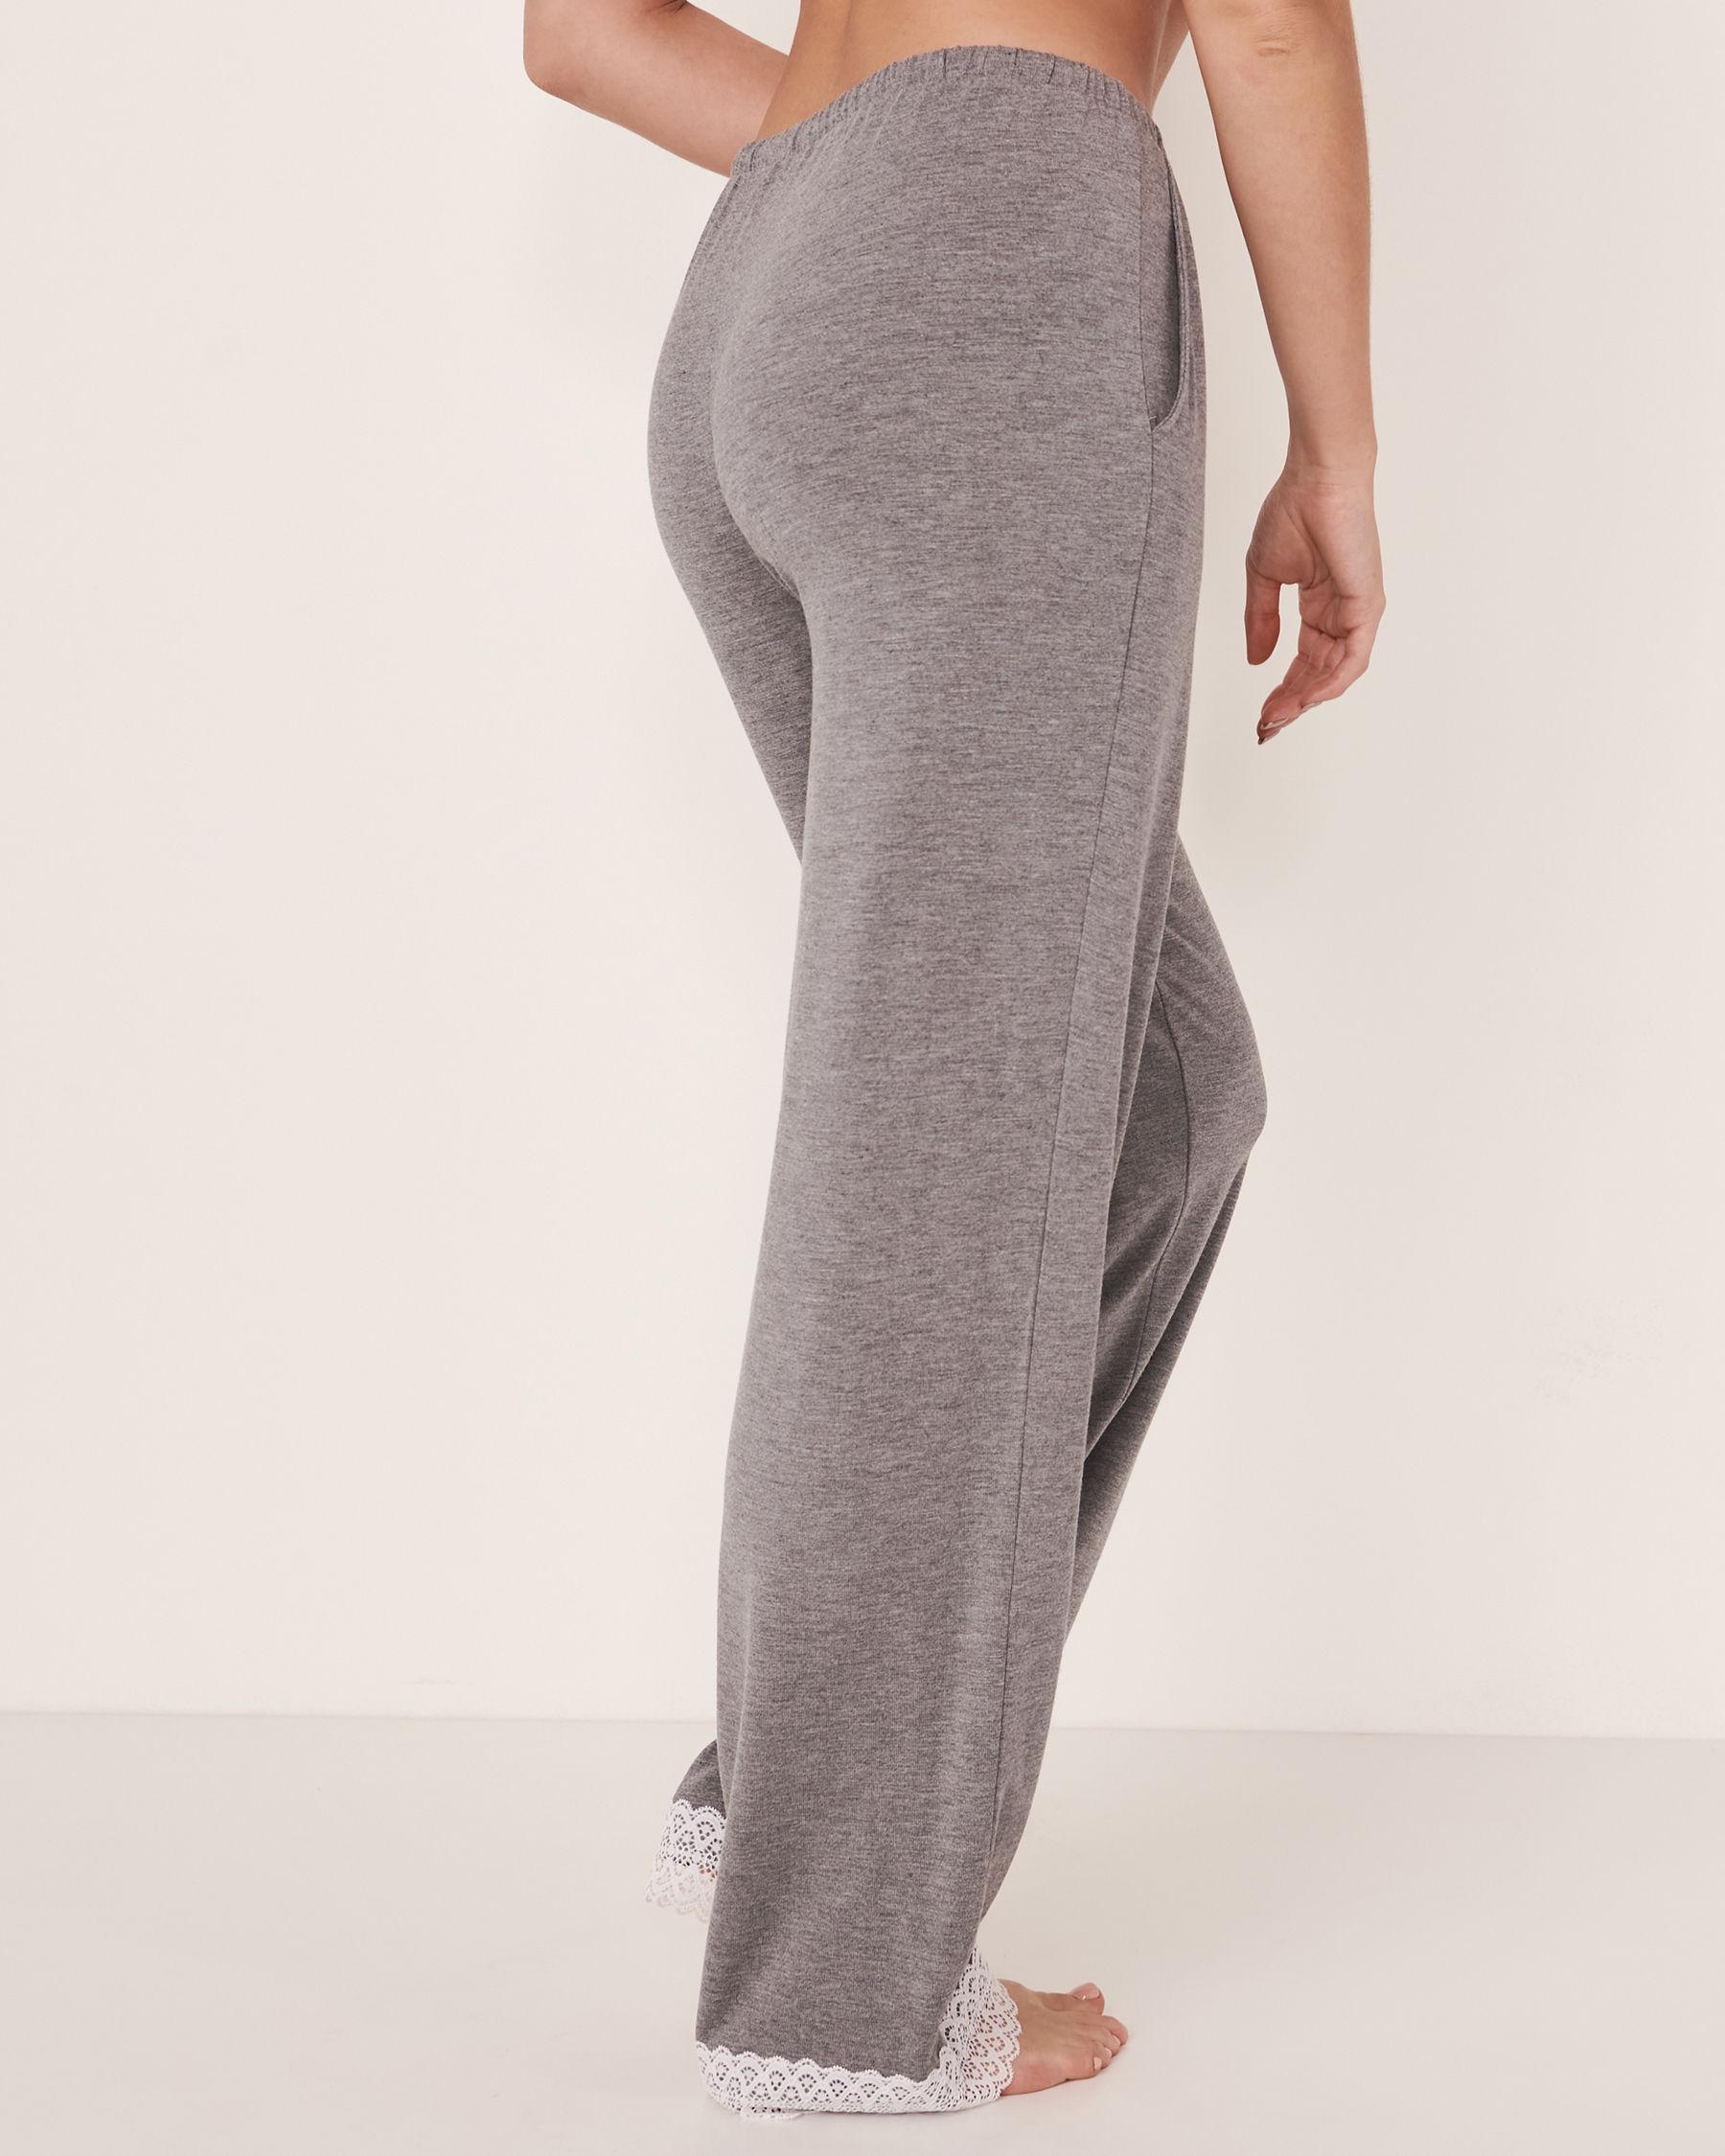 LA VIE EN ROSE Lace Trim Straight Leg Pant Charcoal mix 50200005 - View2